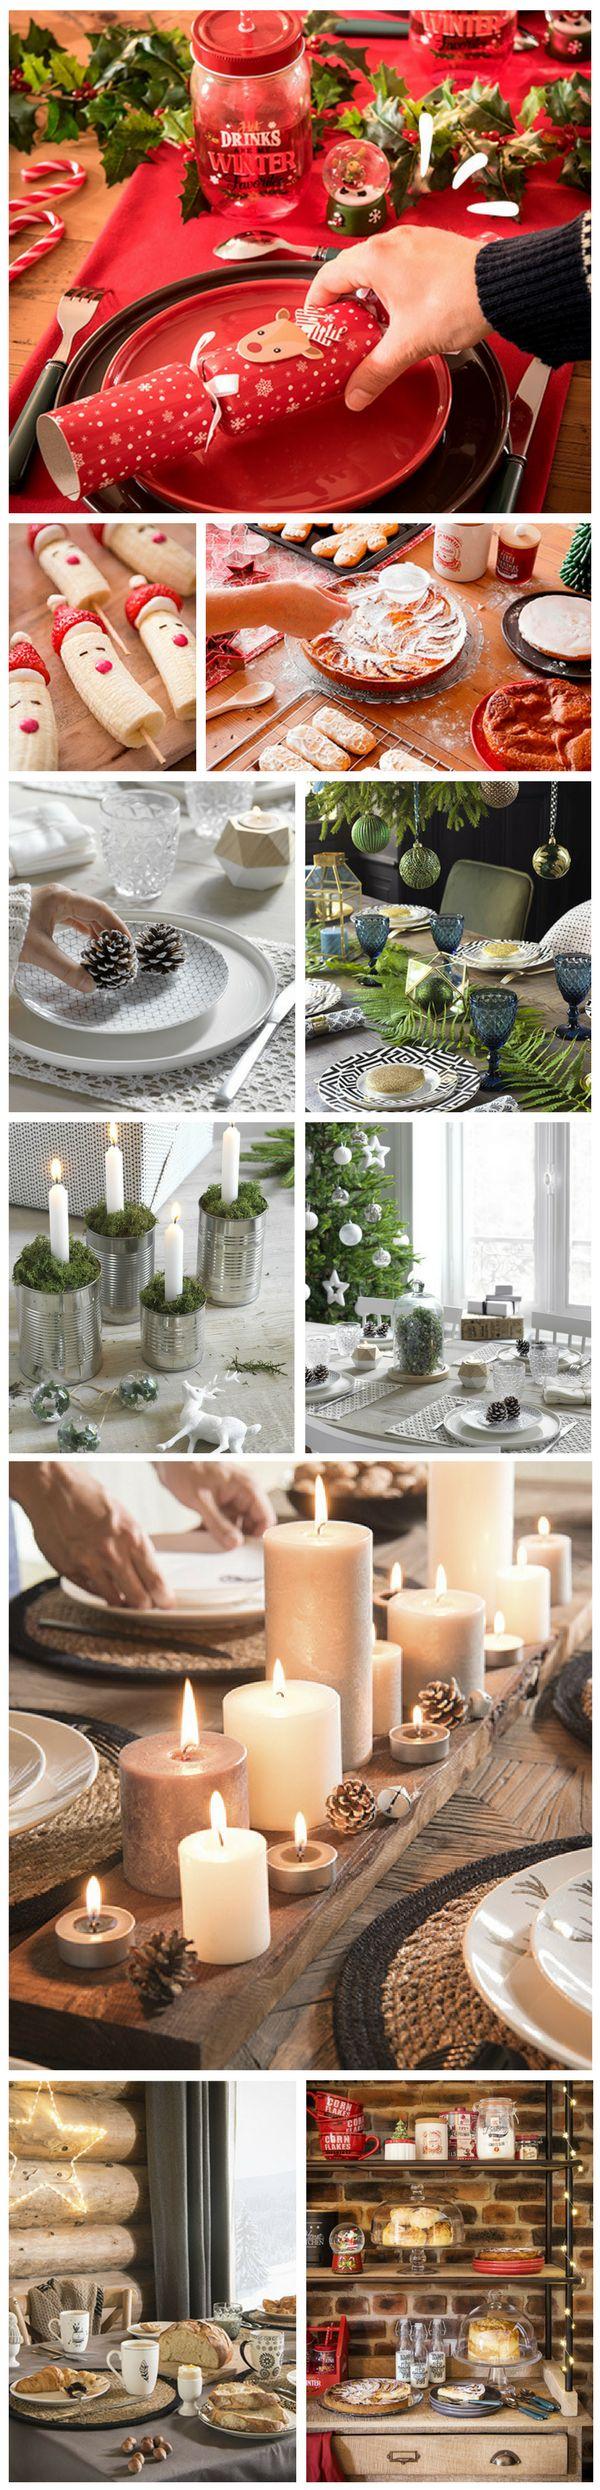 Tout ce Dont vous Avez Besoin pour Organiser Un Repas de Noël Vraiment Parfait (+PLANNING À TÉLÉCHARGER)